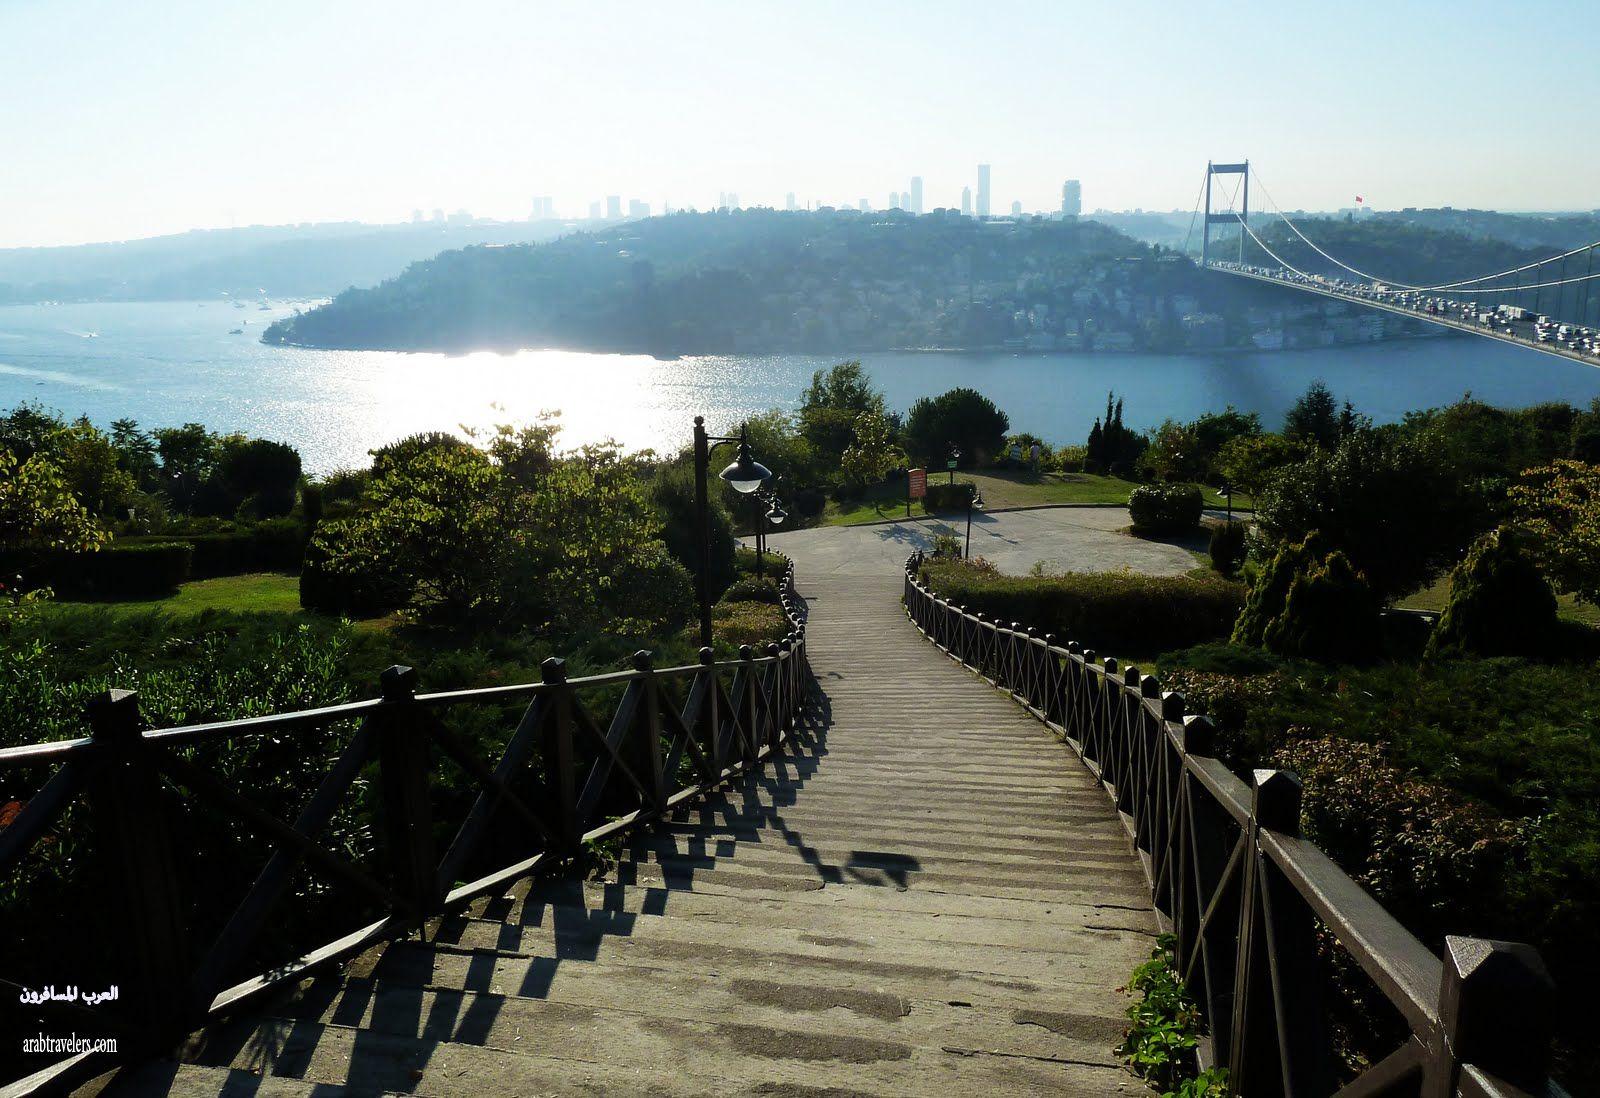 411073 المسافرون العرب اجمل صور حدائق تركيا